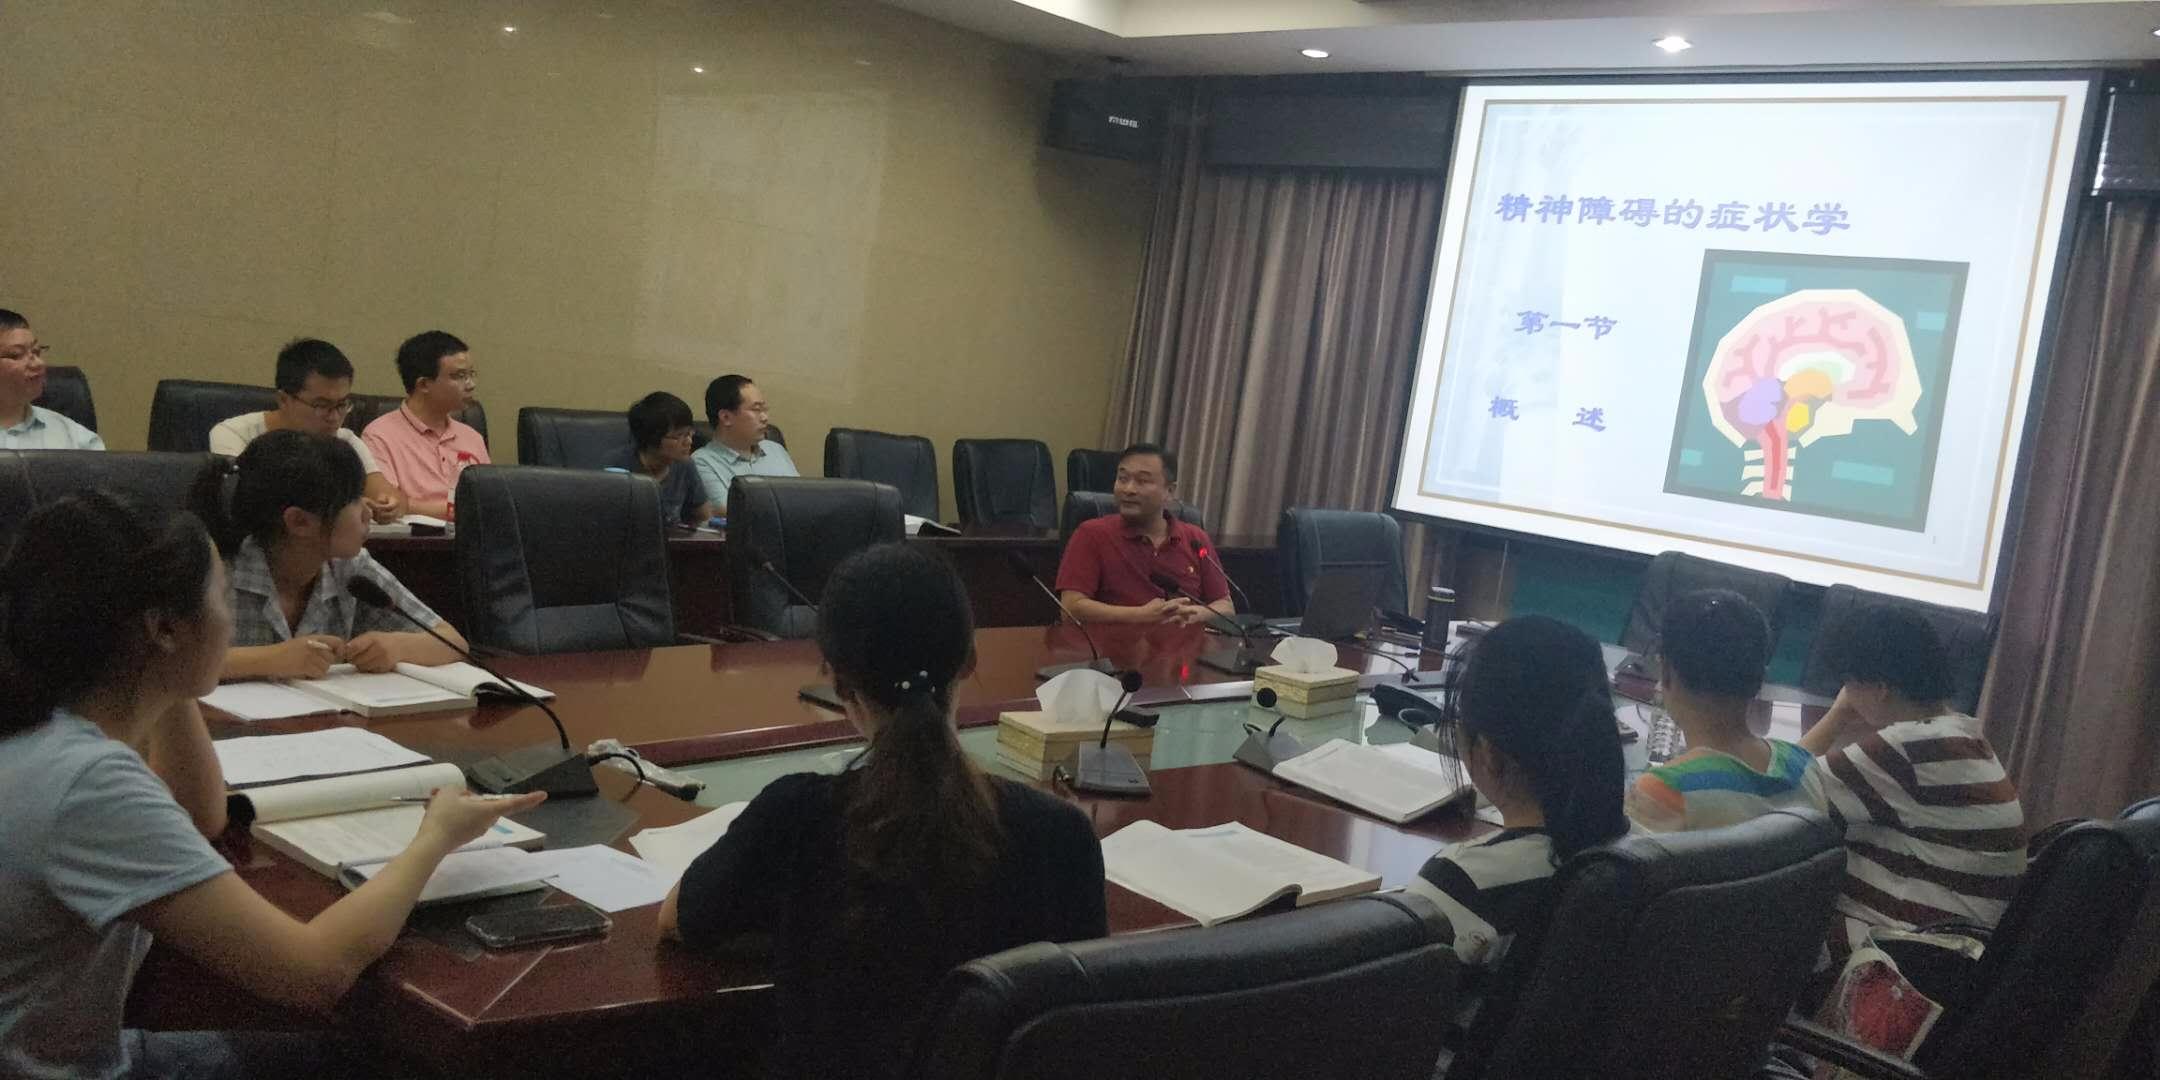 江西省精神病院举办2018年住院医师规范化培训理论培训班